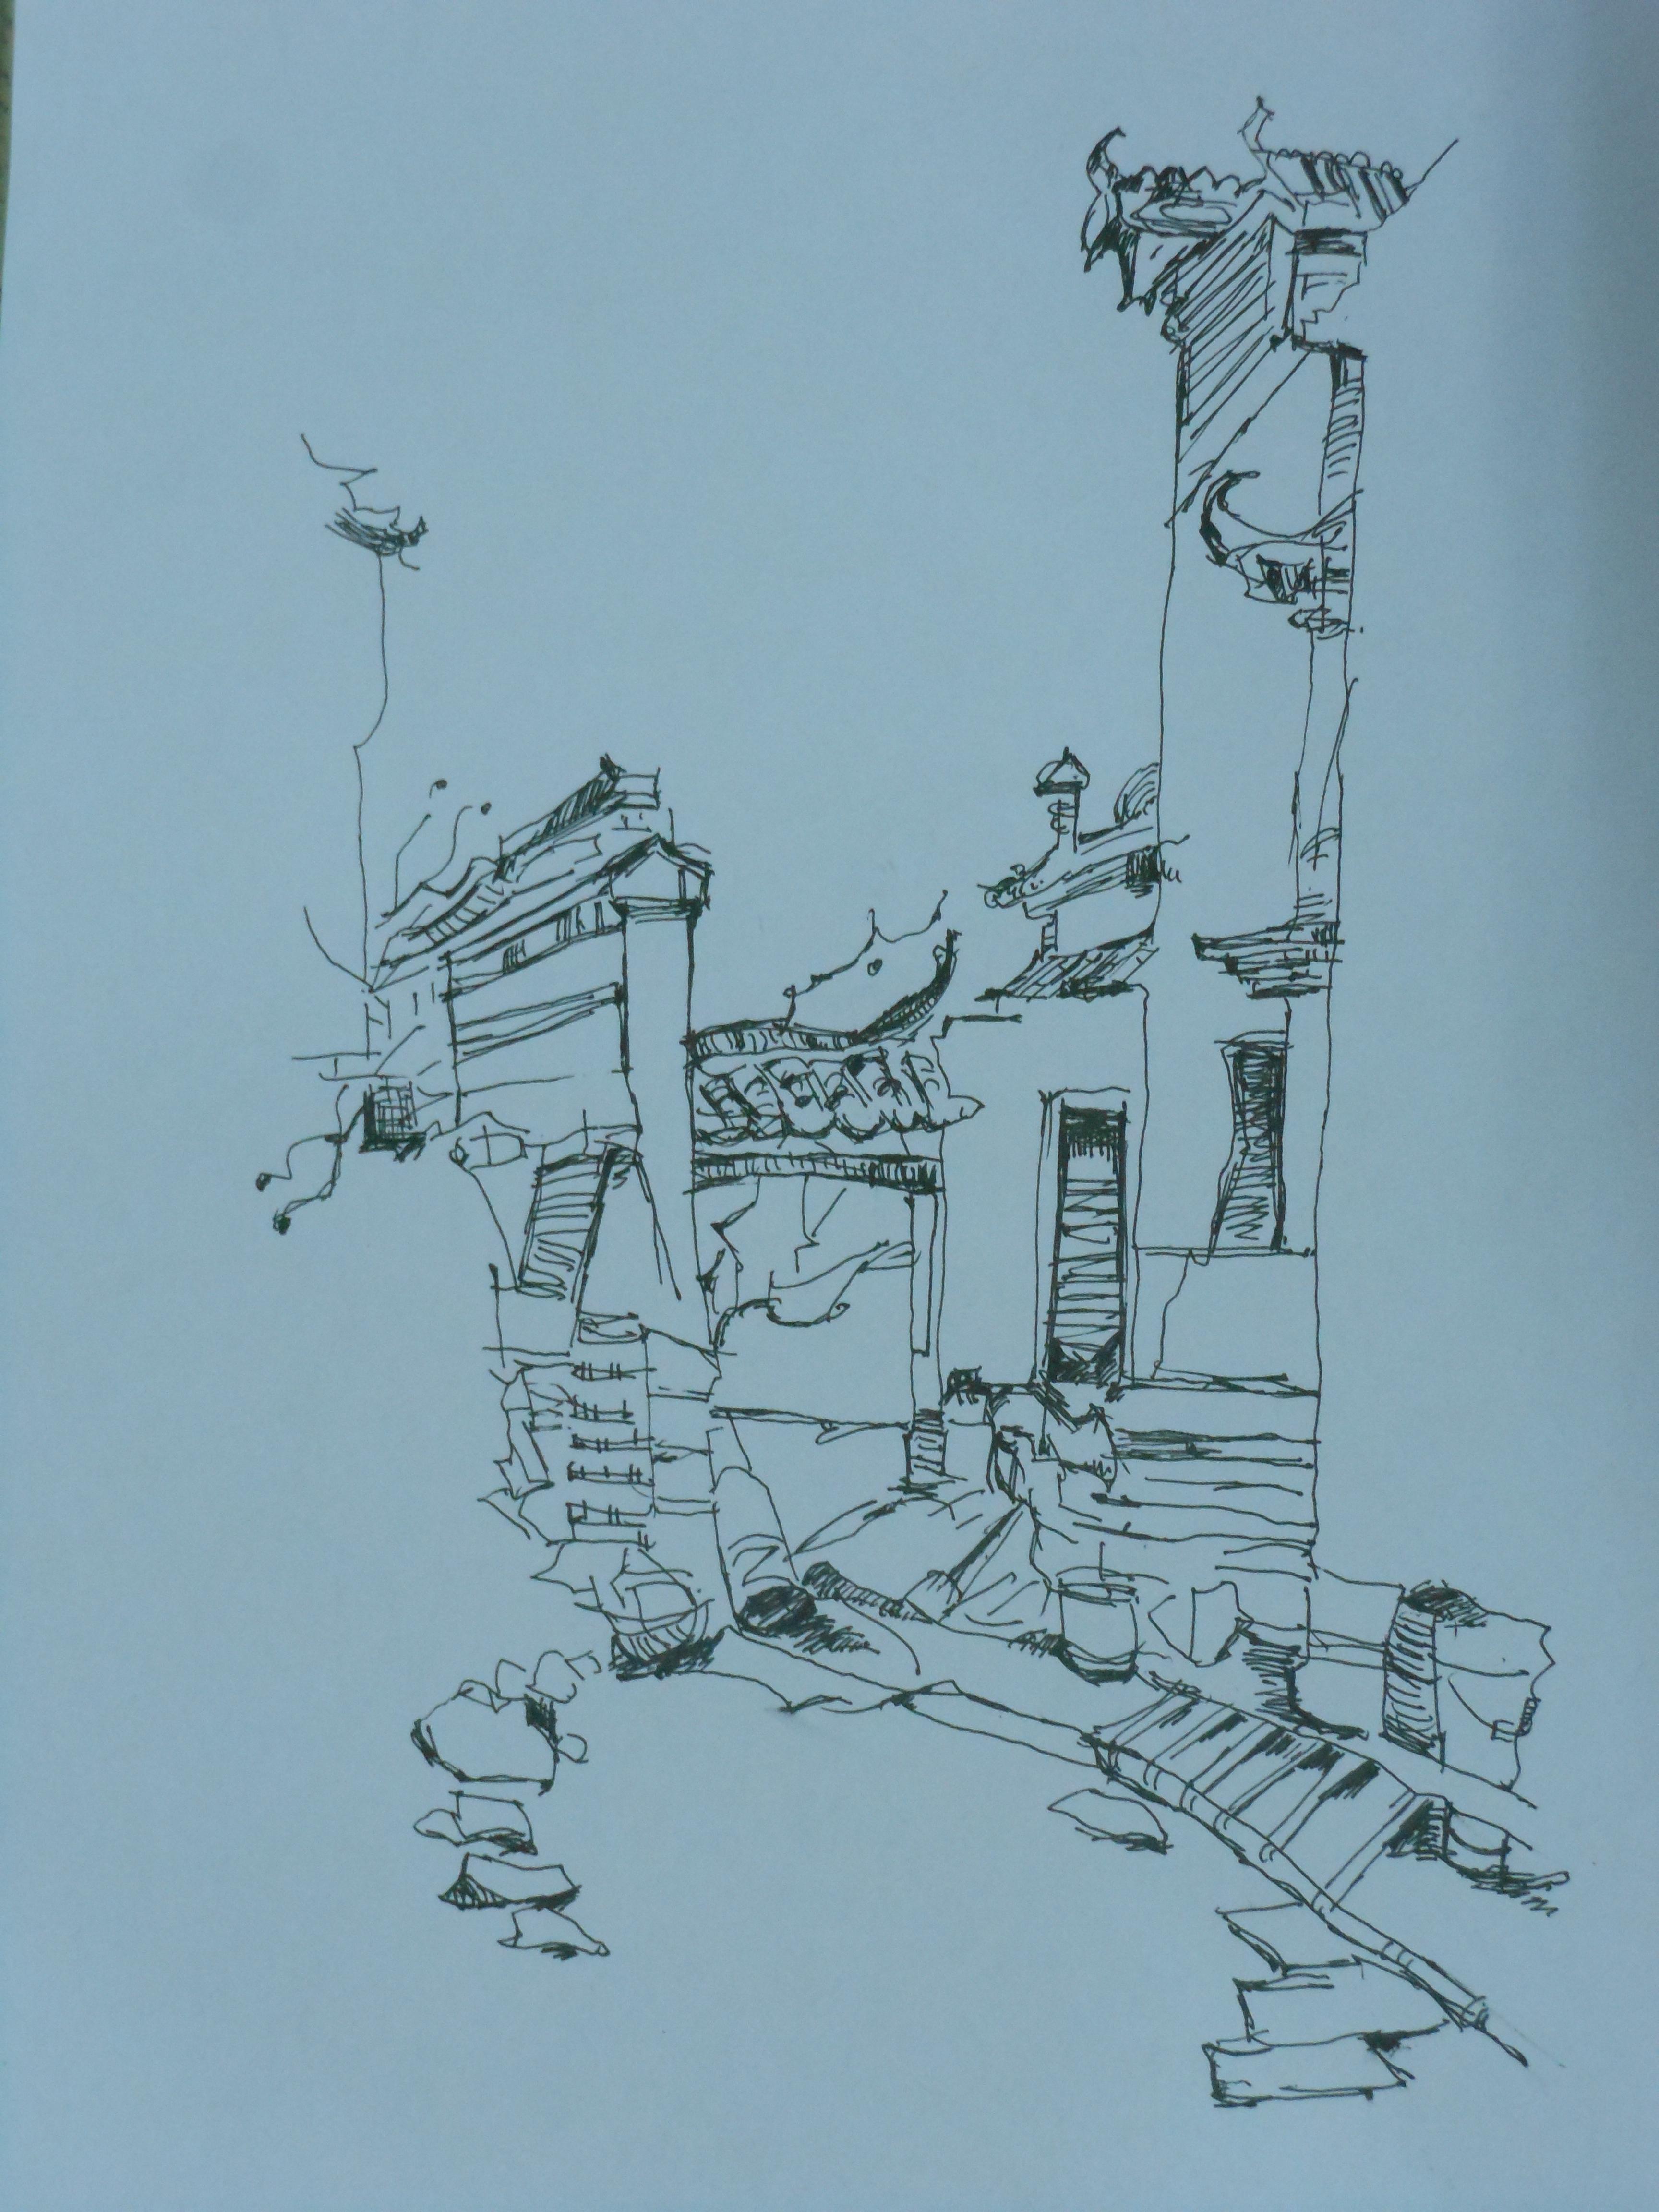 建筑速写|纯艺术|钢笔画|by静儿 - 原创作品 - 站酷